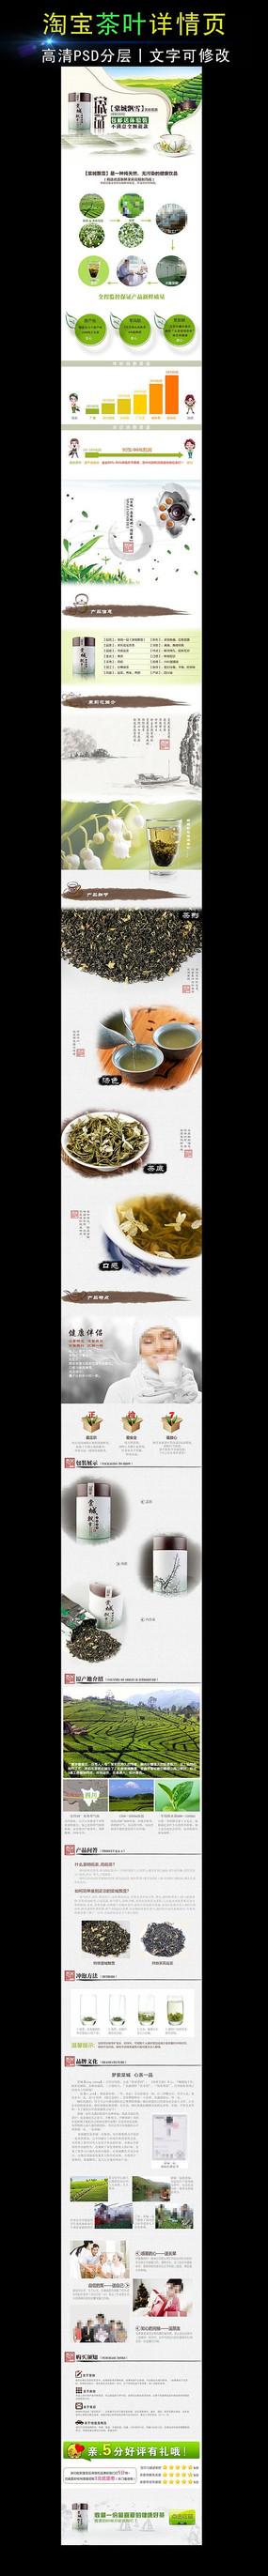 淘宝茶叶详情页模板